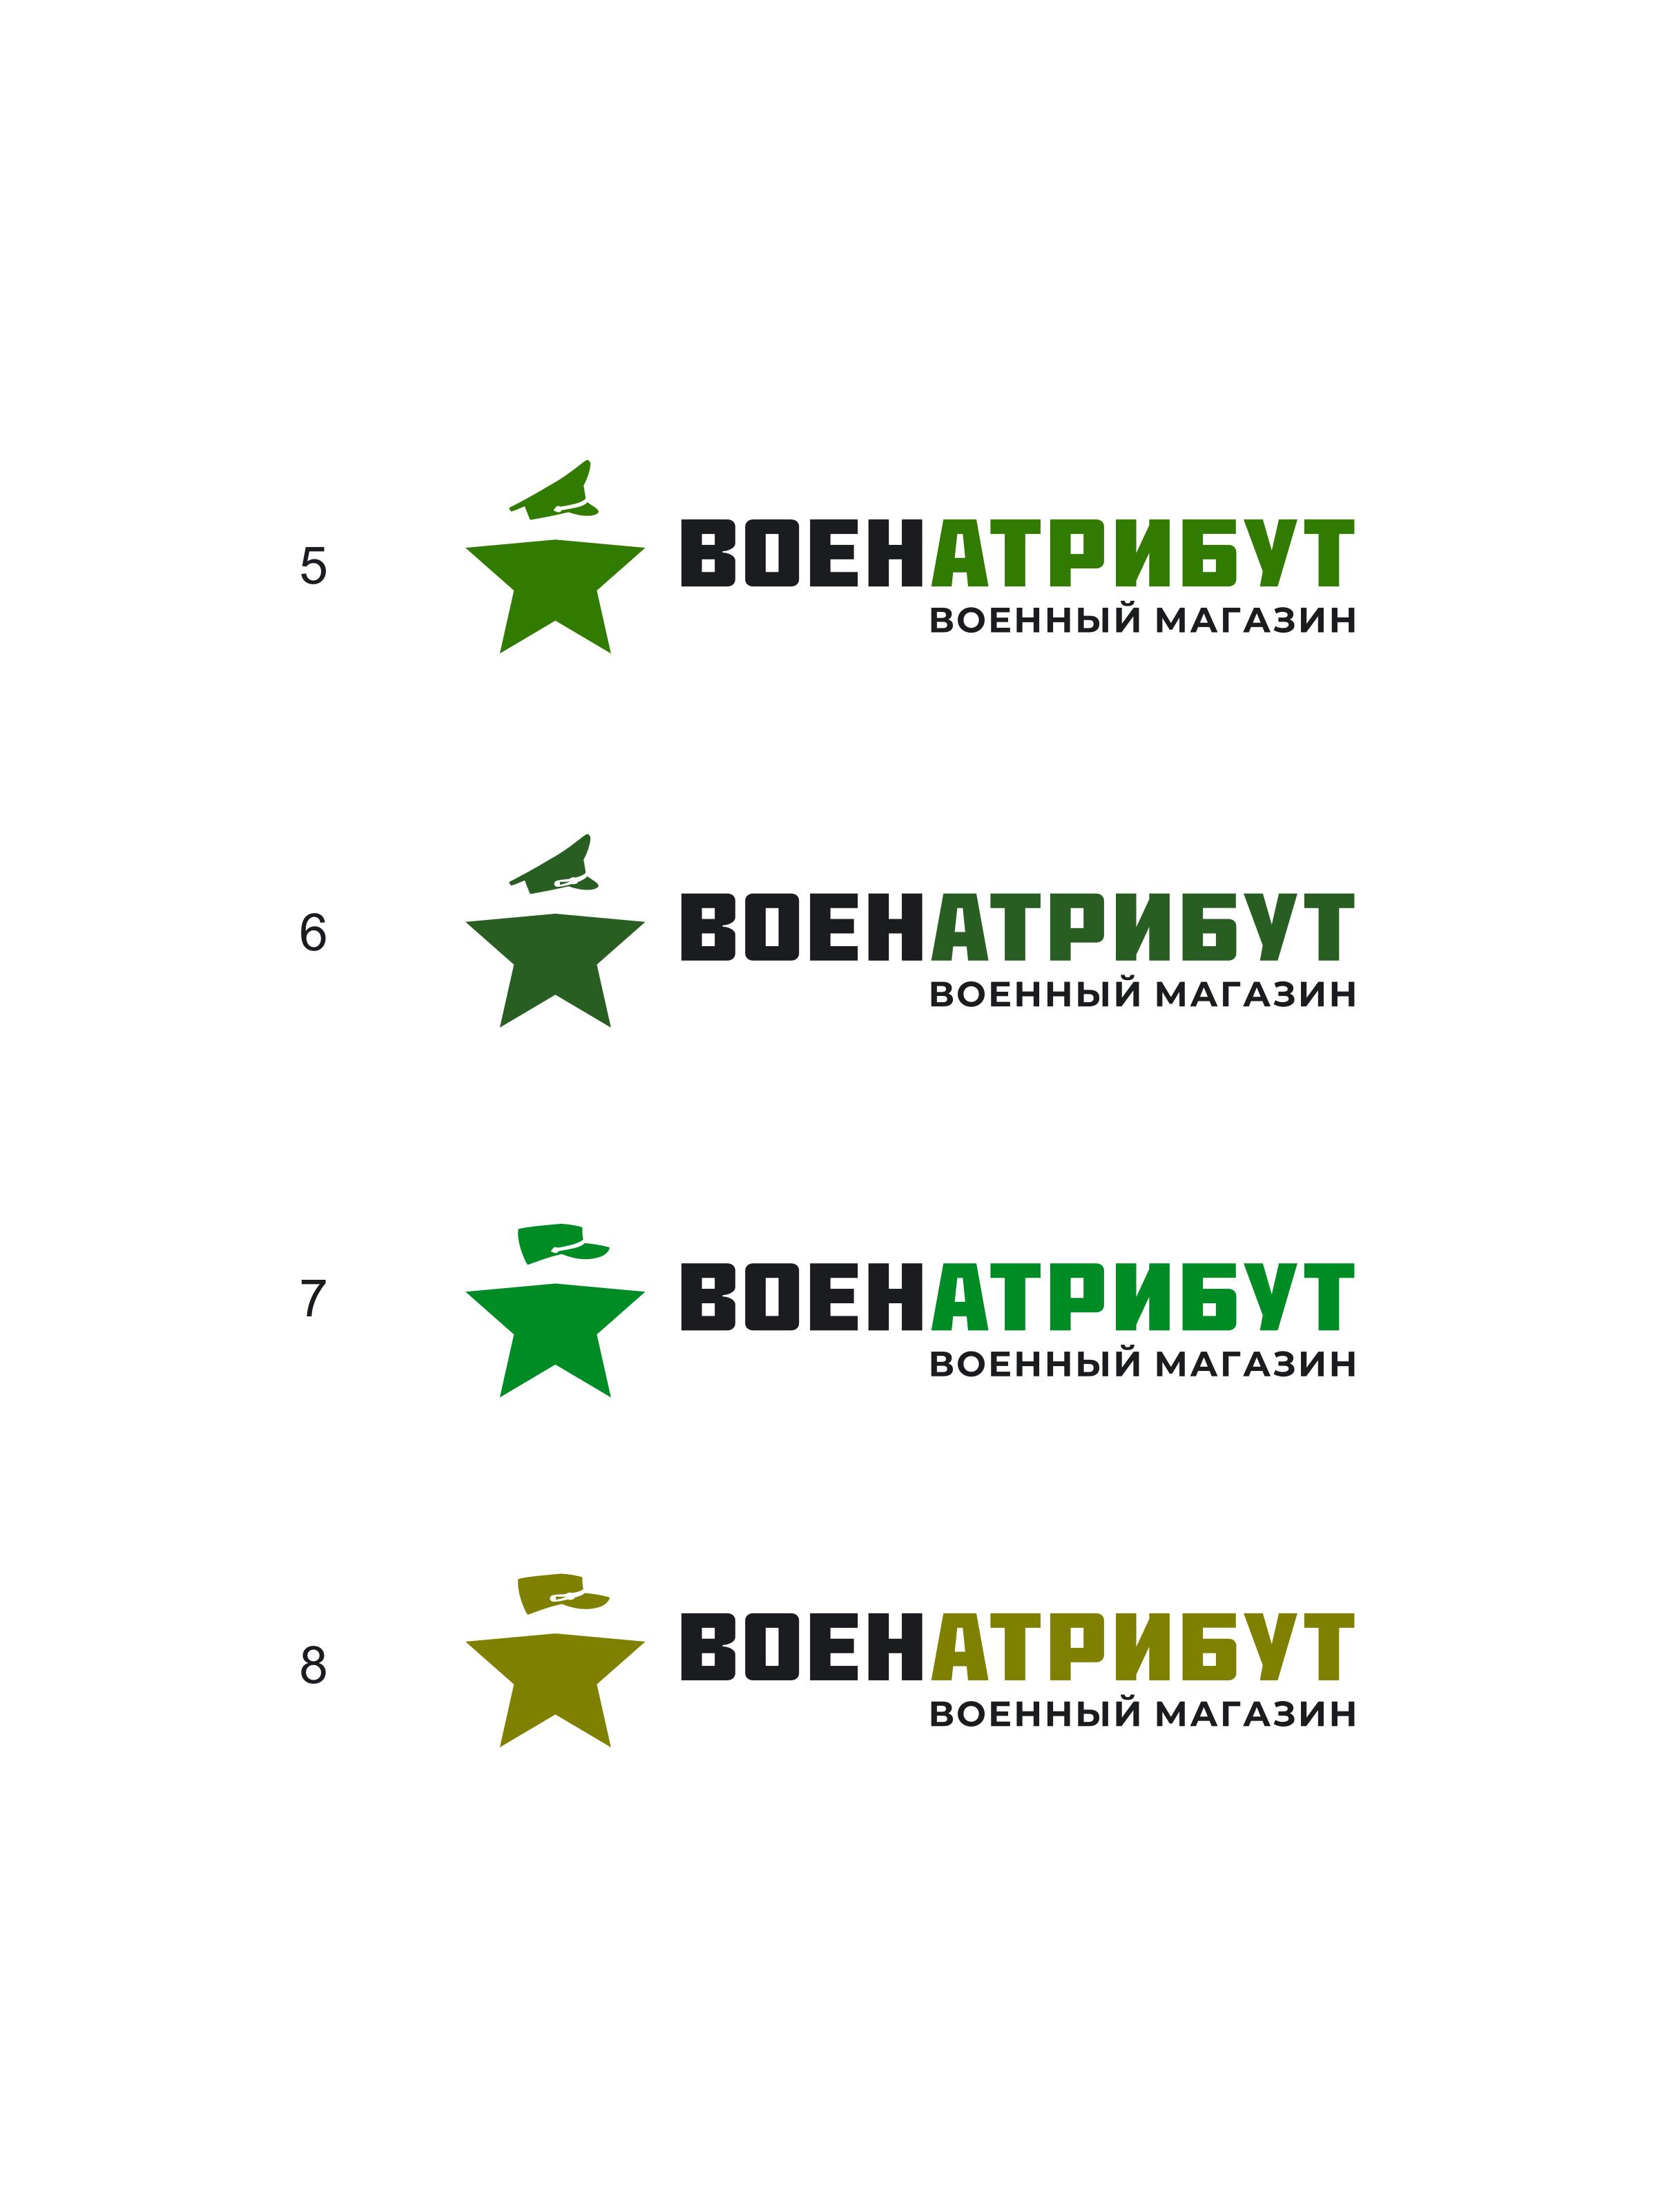 Разработка логотипа для компании военной тематики фото f_68060225ec17fd58.png